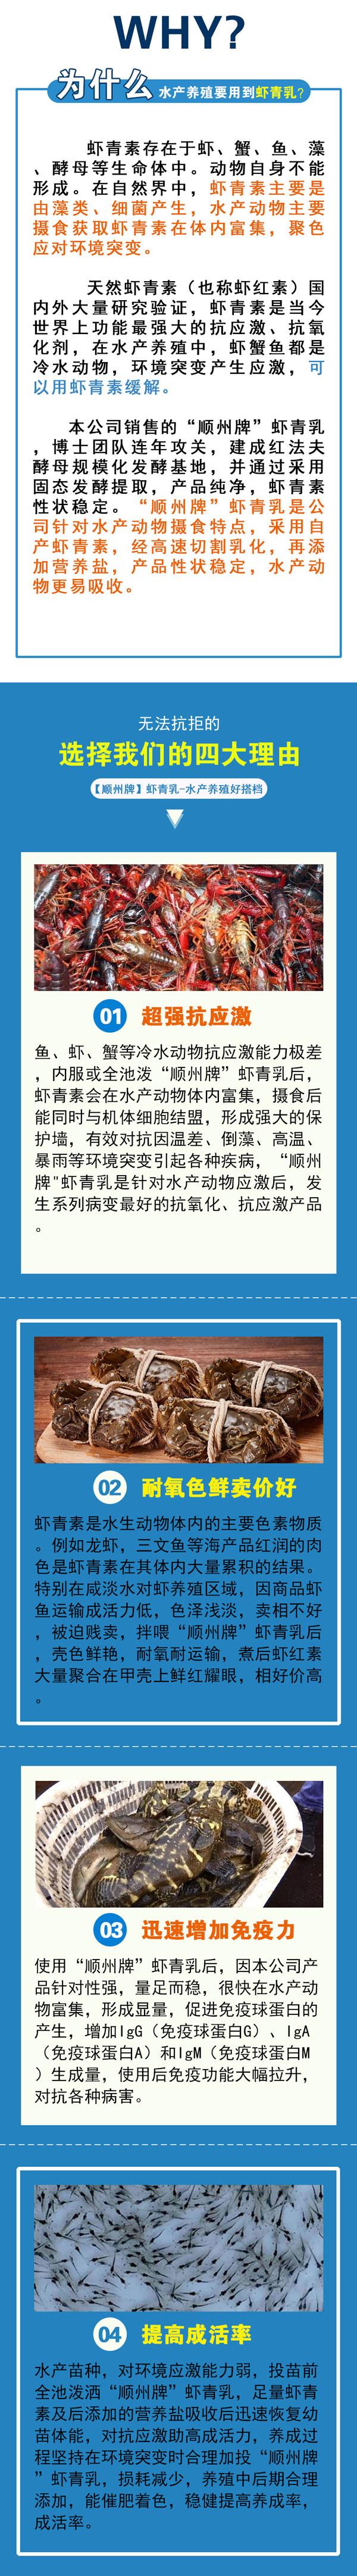 虾青乳-详情页3.jpg